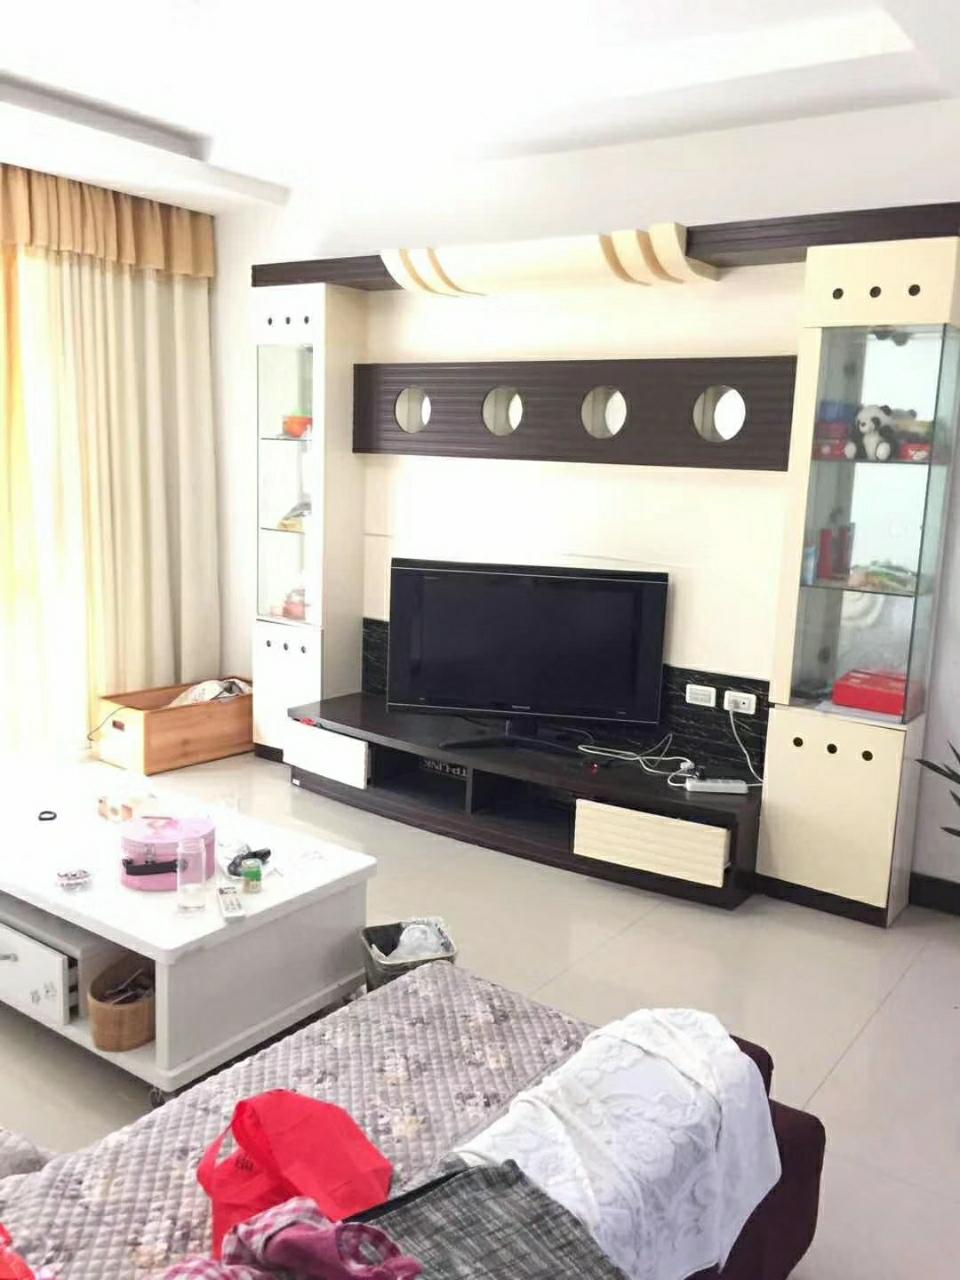 中鼎公寓3室2厅2卫72.8万元